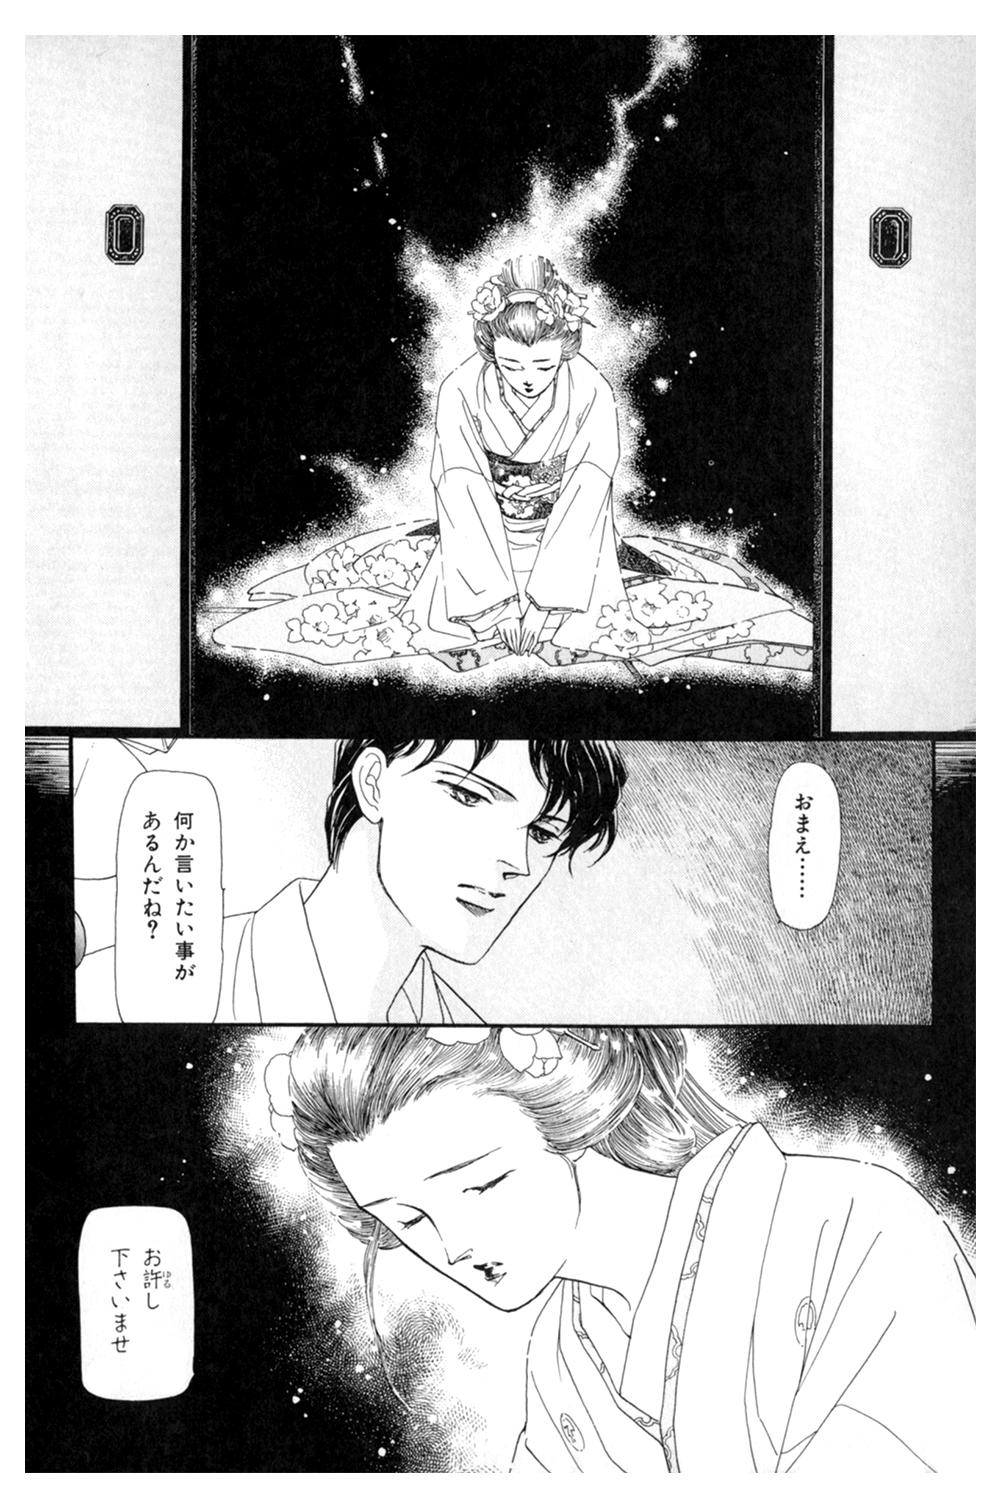 雨柳堂夢咄 第1話「花椿の恋」①uryu10.jpg